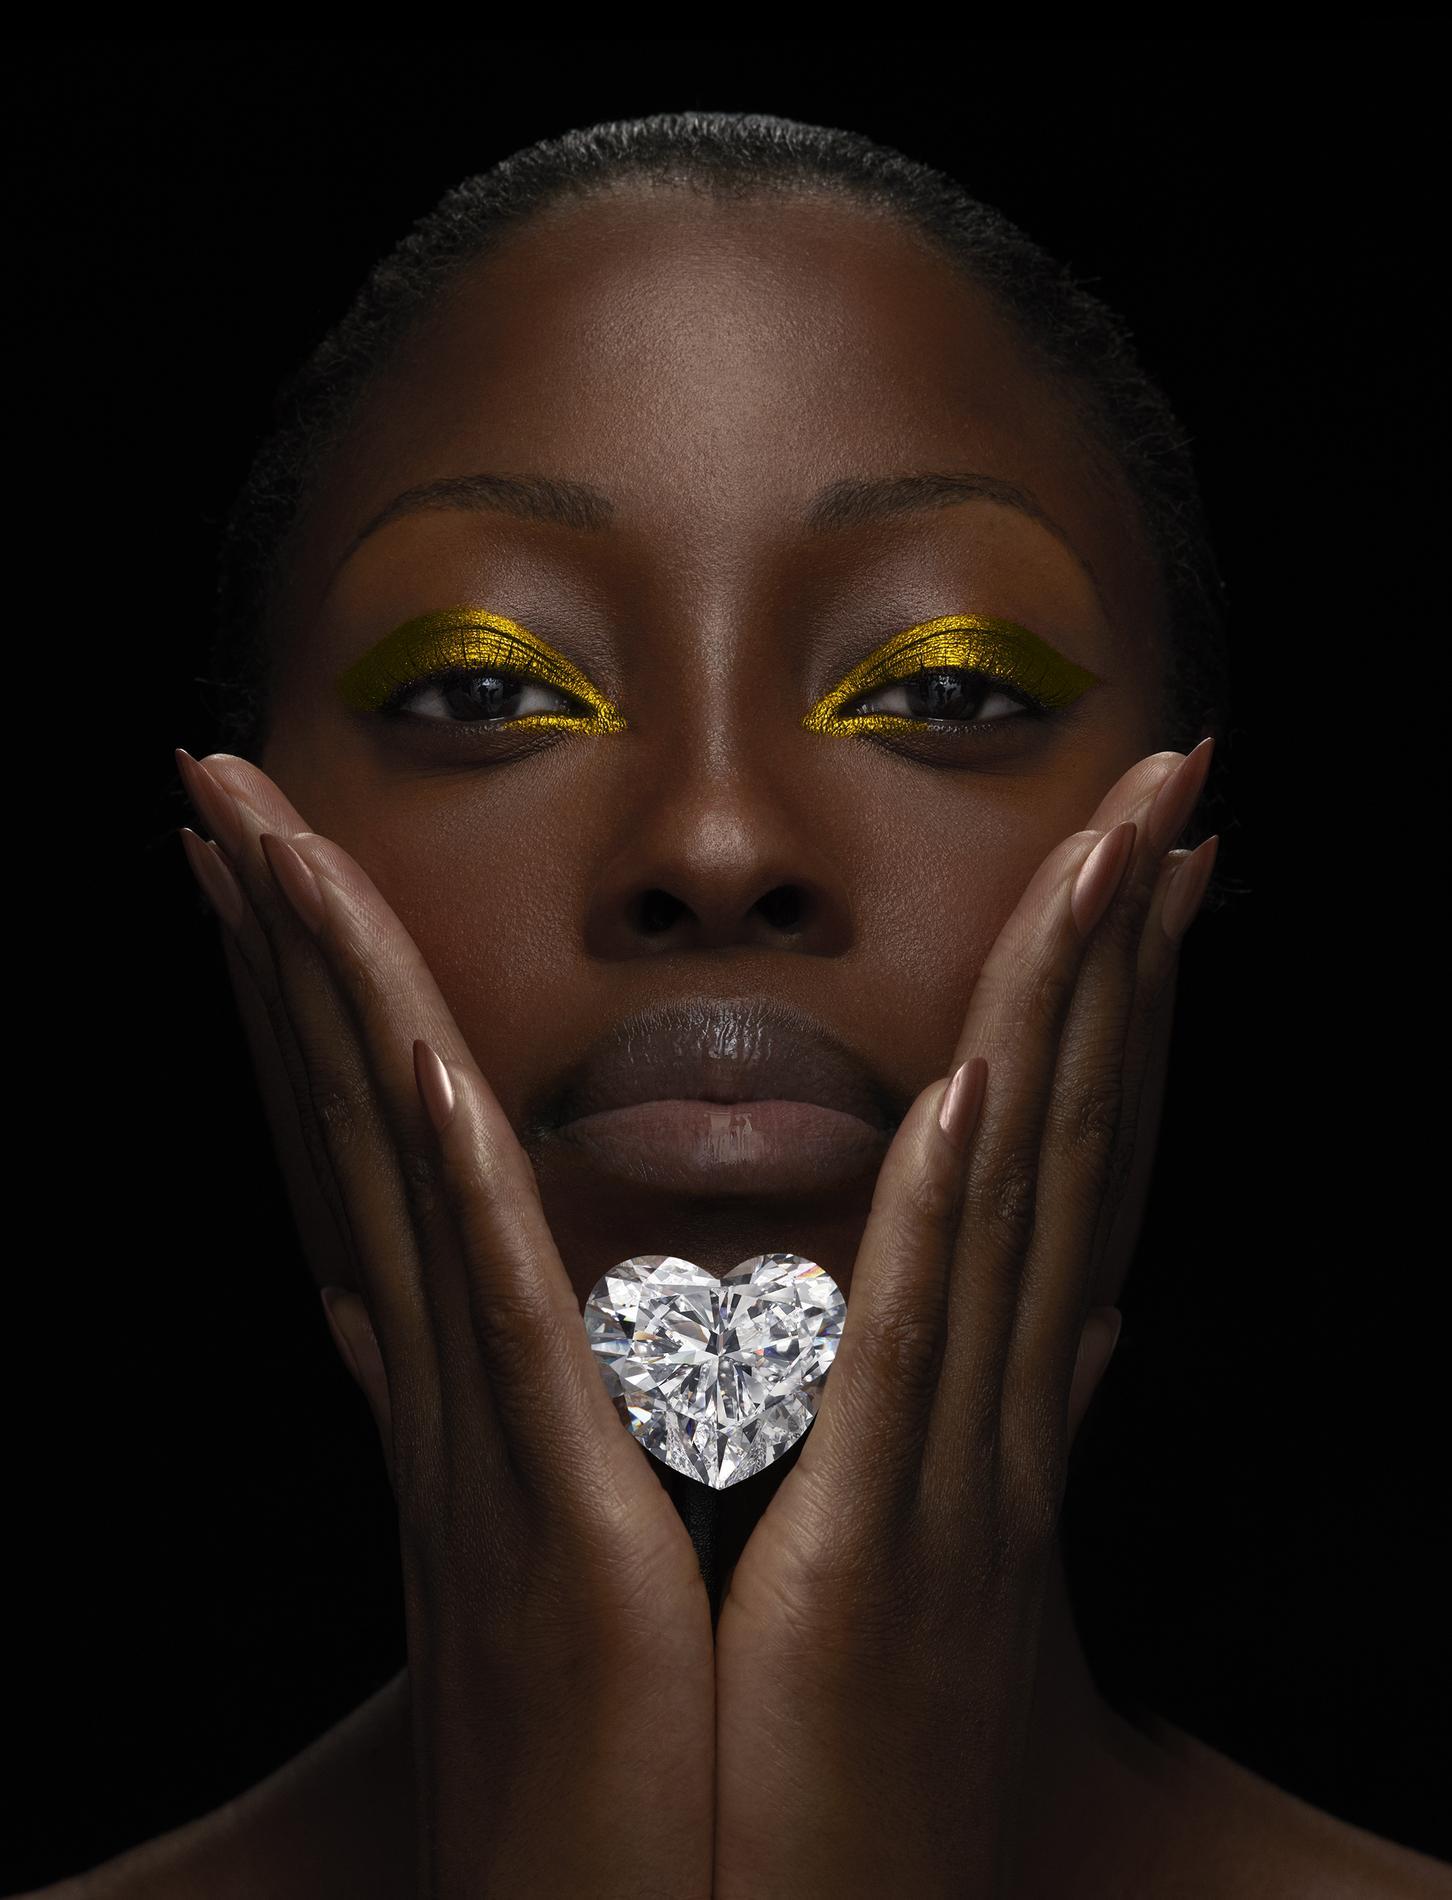 venus le plus gros diamant taille c ur au monde madame figaro. Black Bedroom Furniture Sets. Home Design Ideas